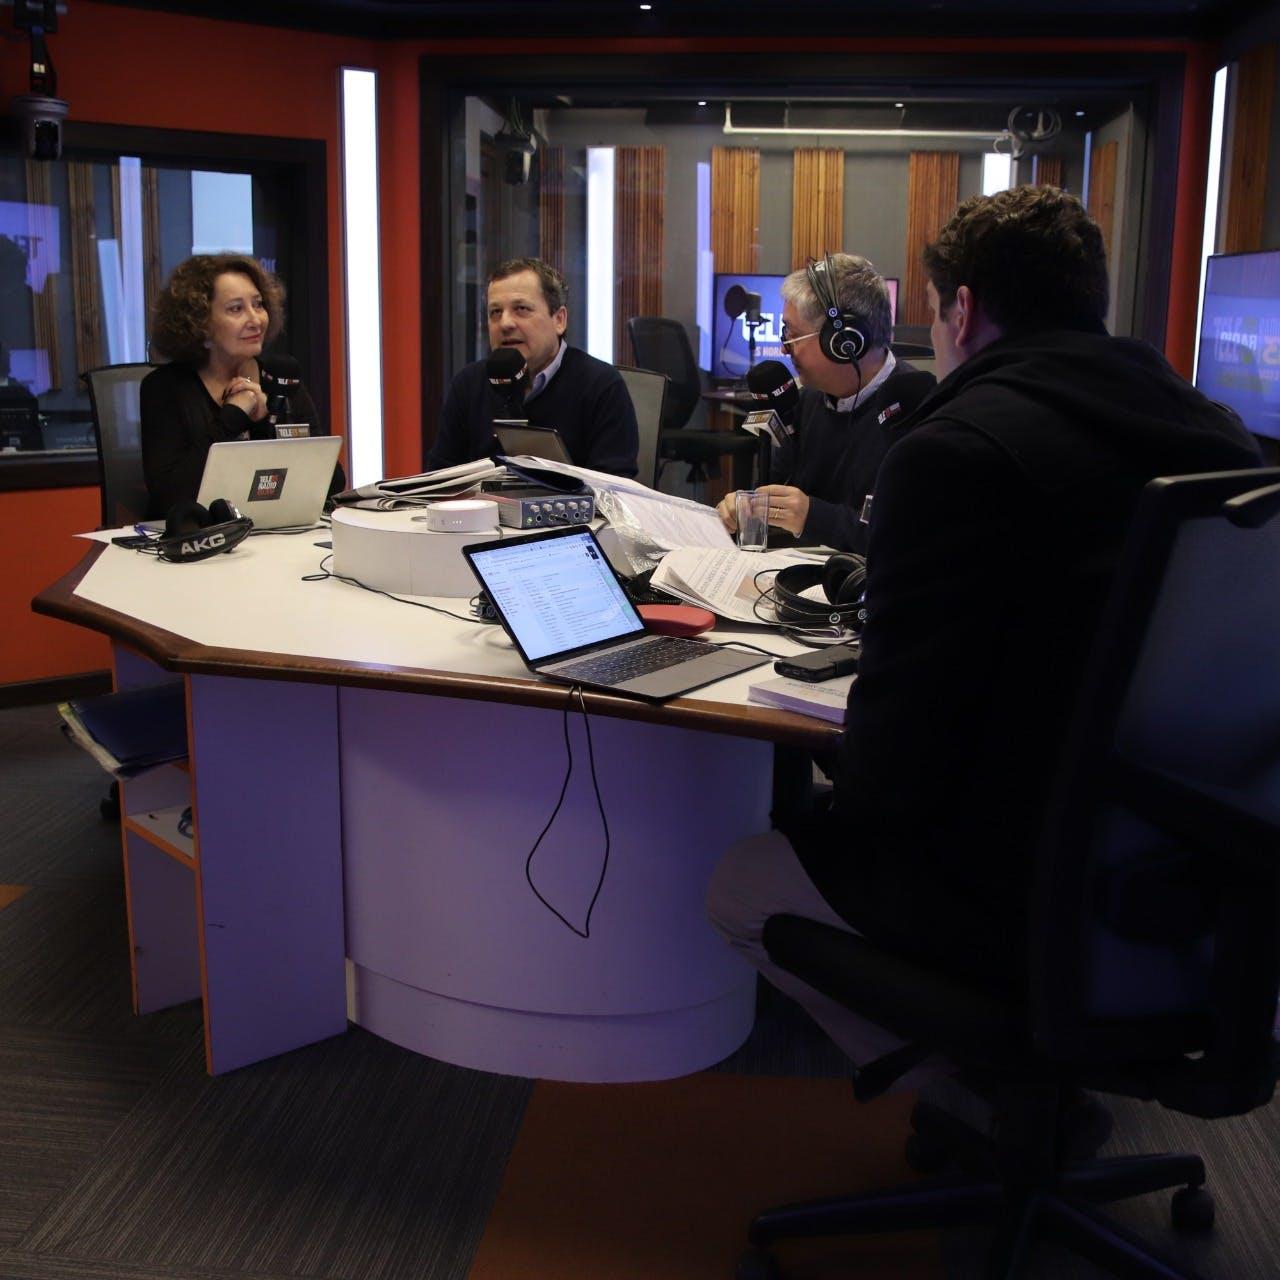 Mansuy, Politzer y Bofil conversan sobre la reforma de pensiones aprobada por la Comisión de Trabajo - Podcast - Mesa Central - Columnistas - Emisor Podcasting